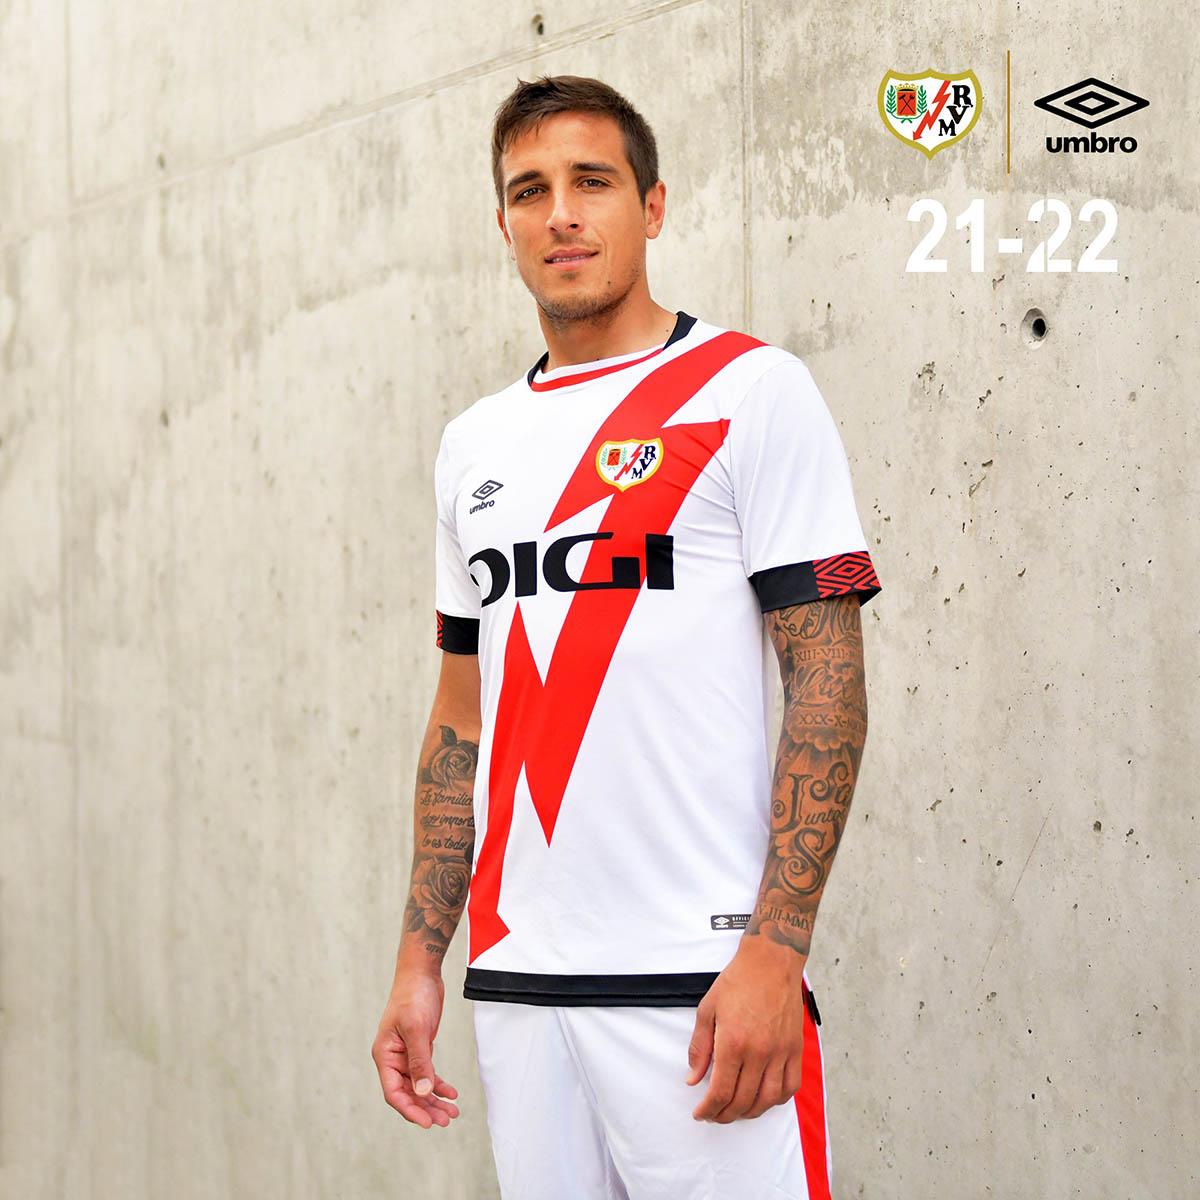 Camisas do Rayo Vallecano 2021-2022 Umbro Titular